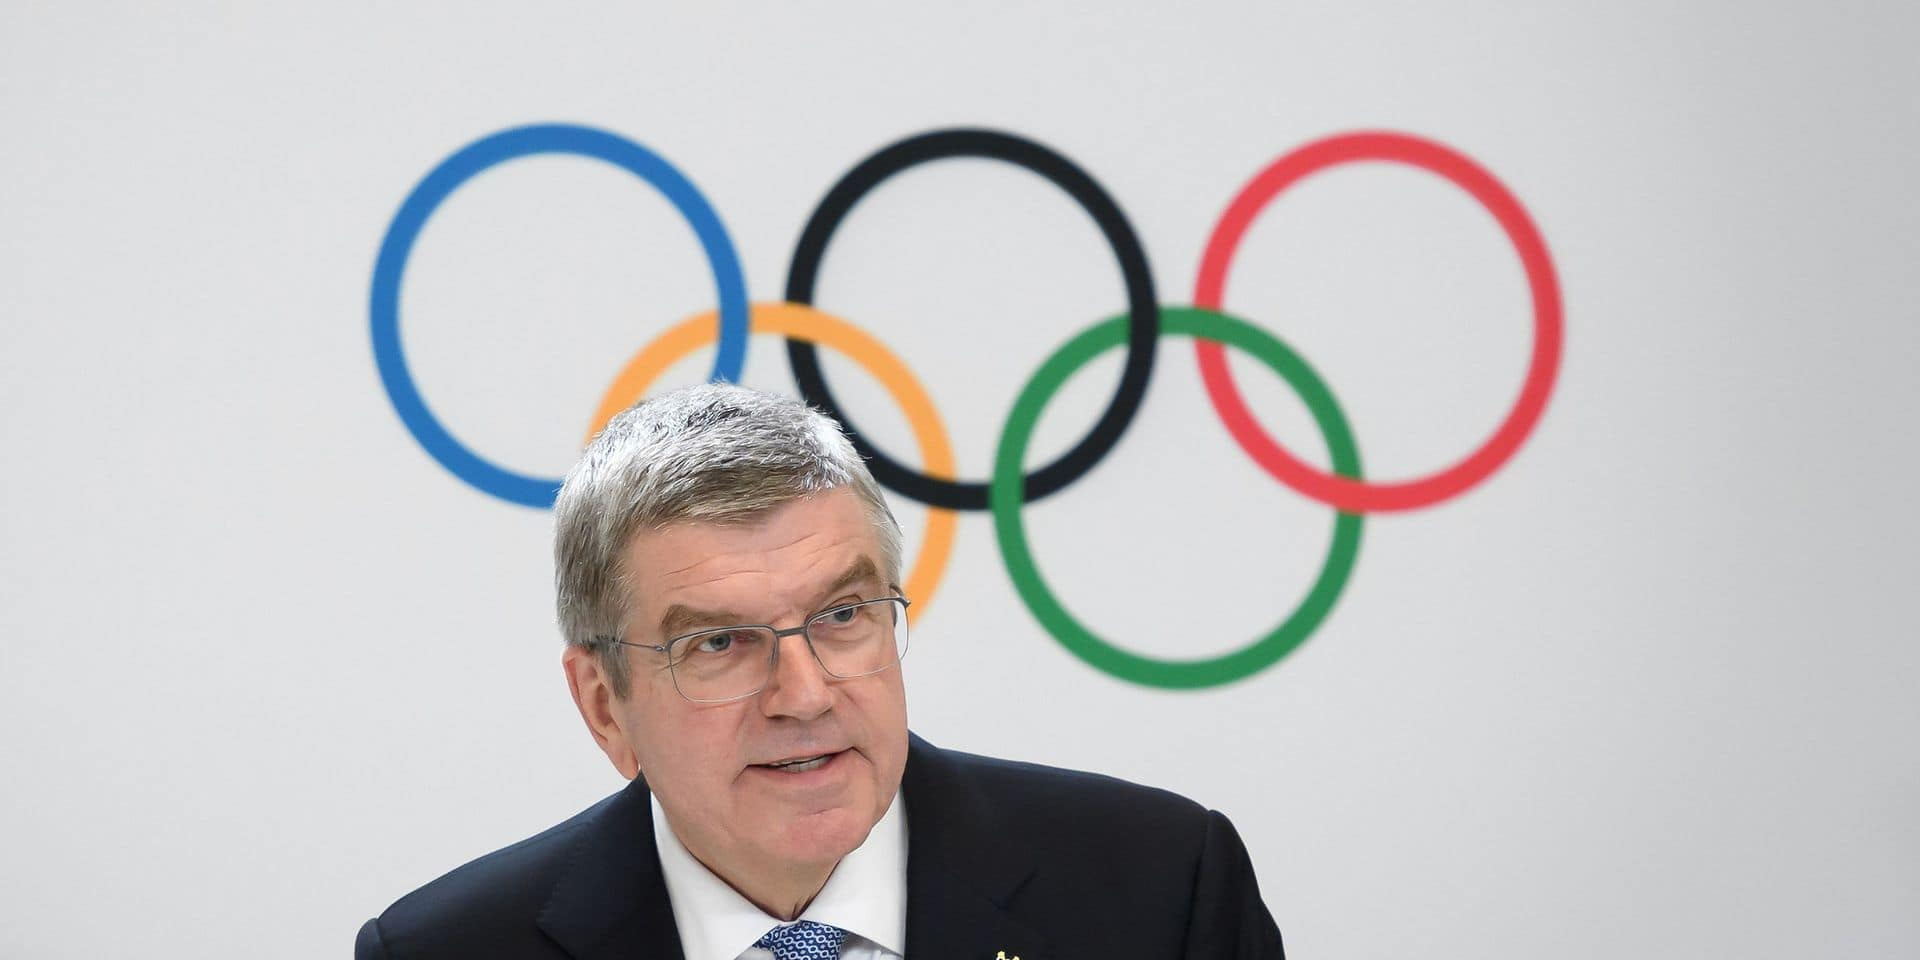 Les athlètes américains veulent retrouver leur liberté d'expression aux Jeux Olympiques